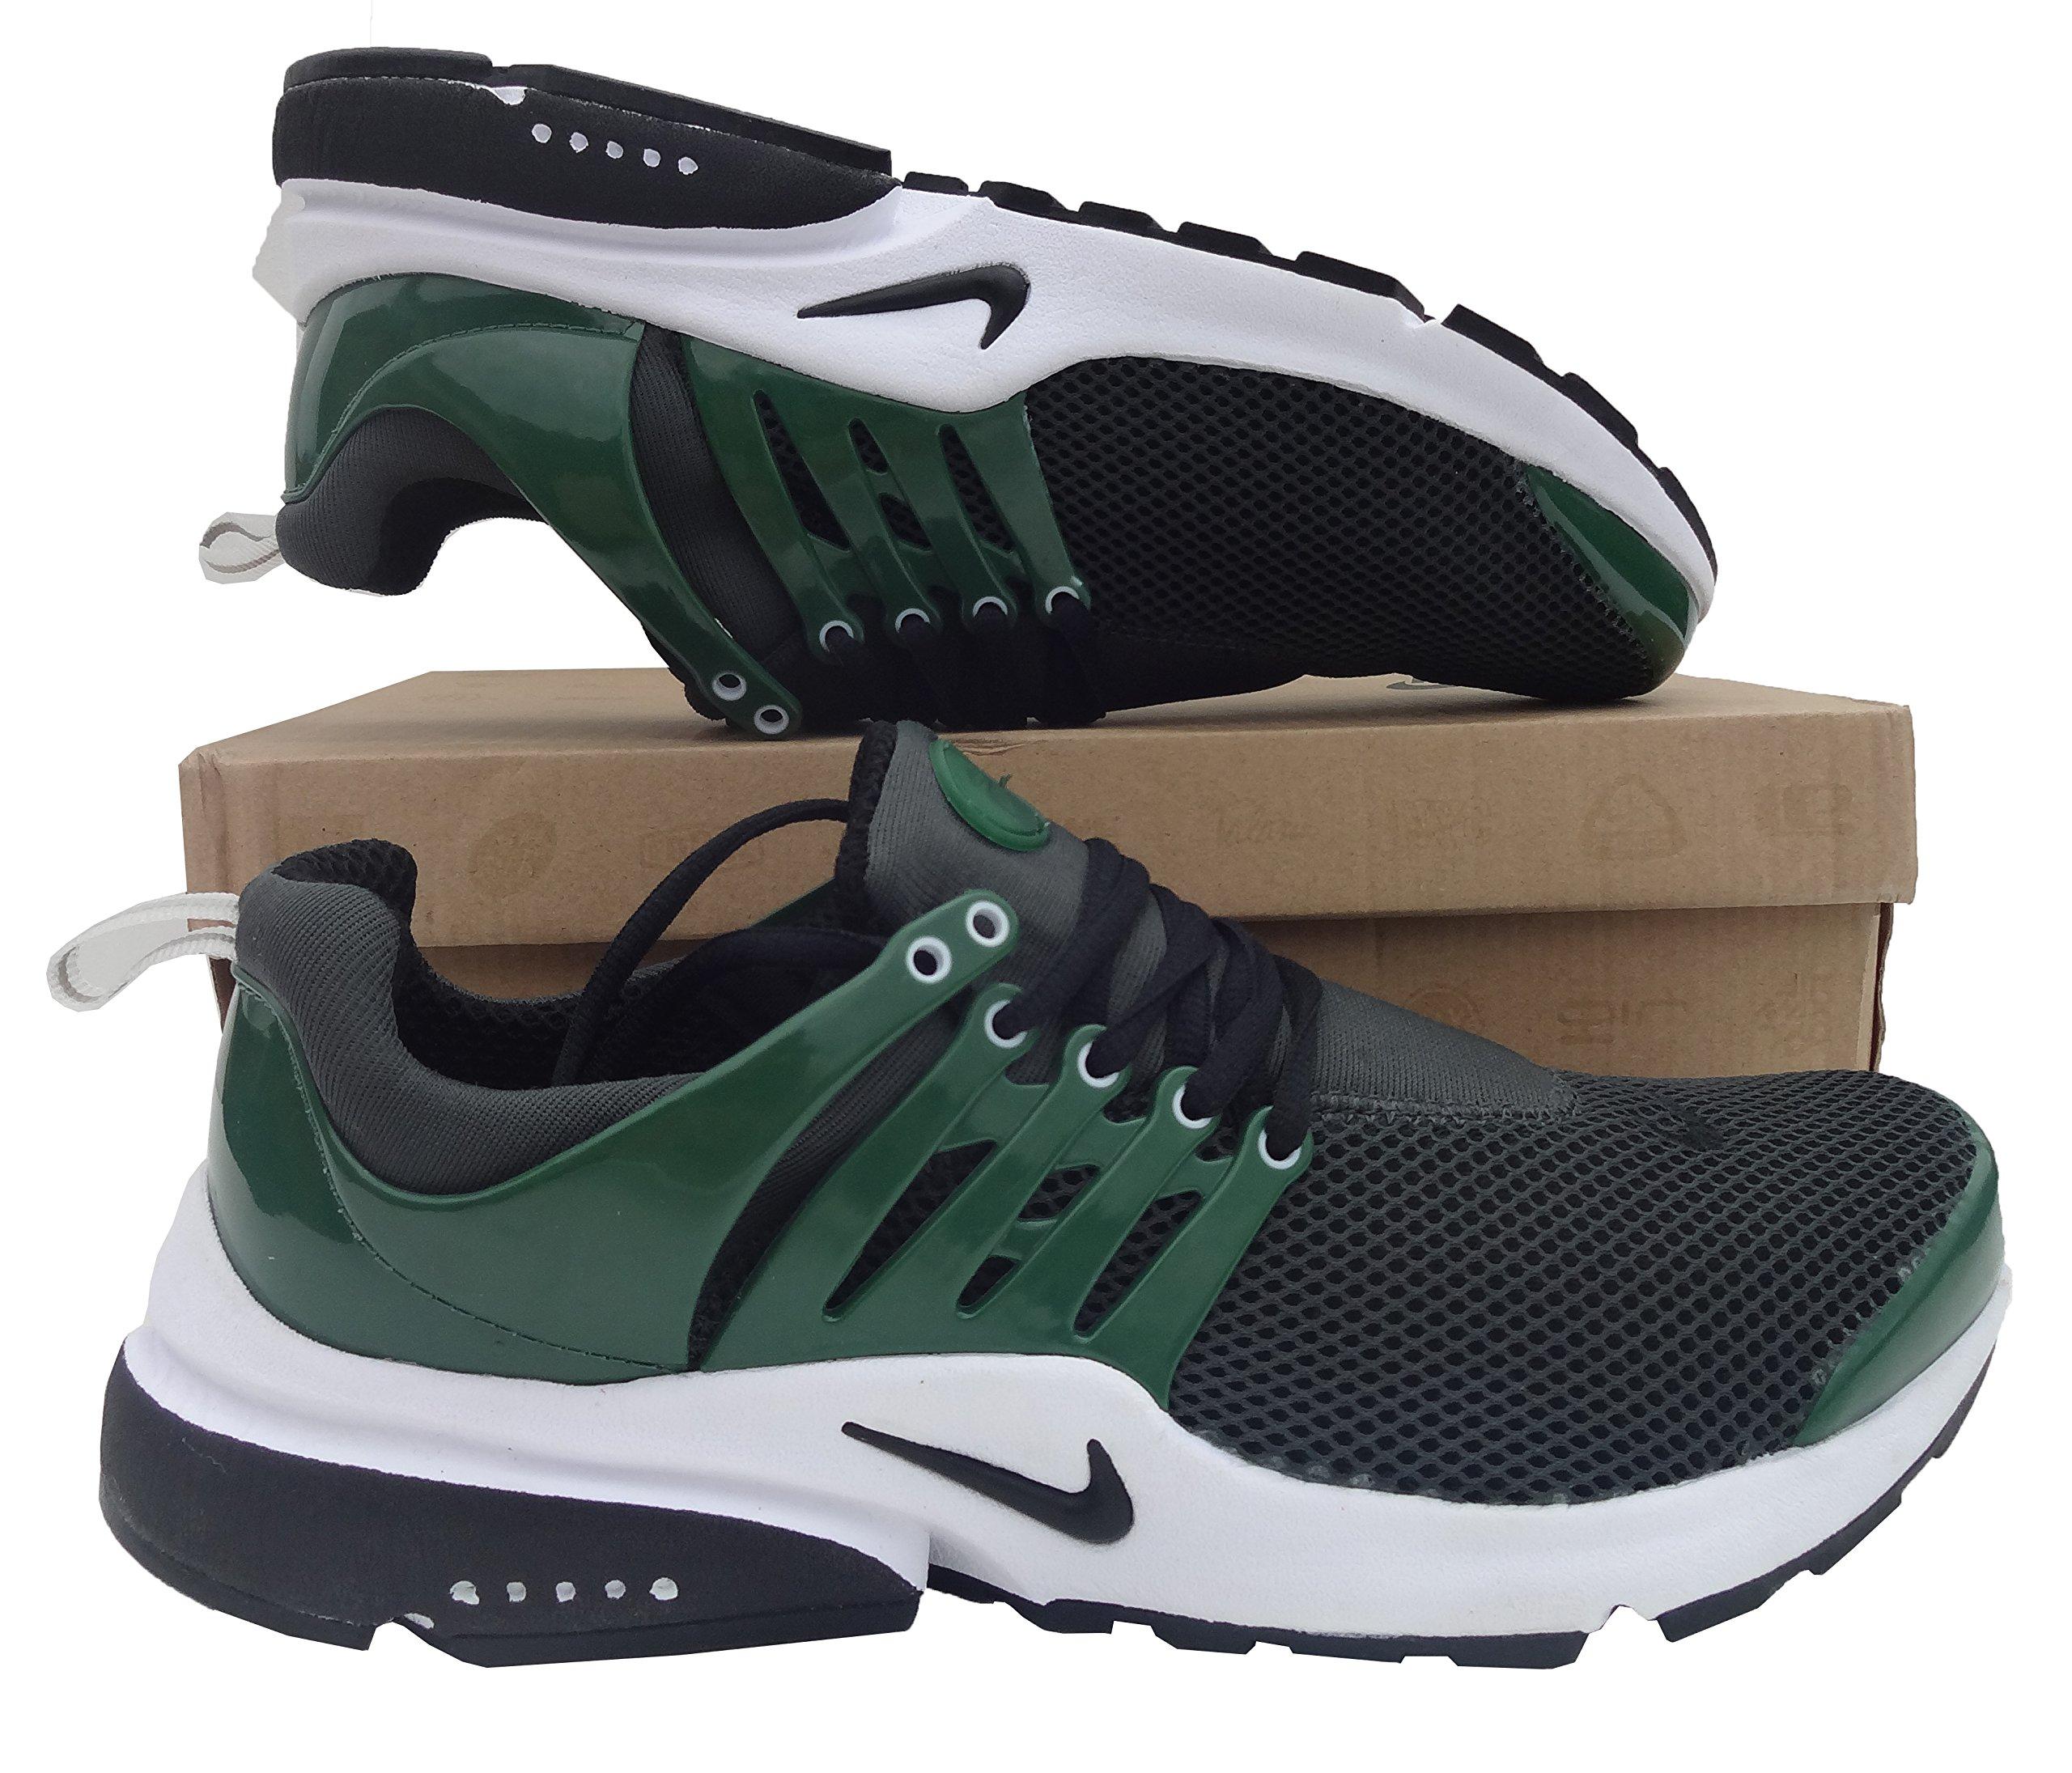 Nike Air Presto Gris Oscuro Verde Mens tamaño 10 Zapatillas Deportivas Zapatillas Shox Zapatos: Amazon.es: Deportes y aire libre